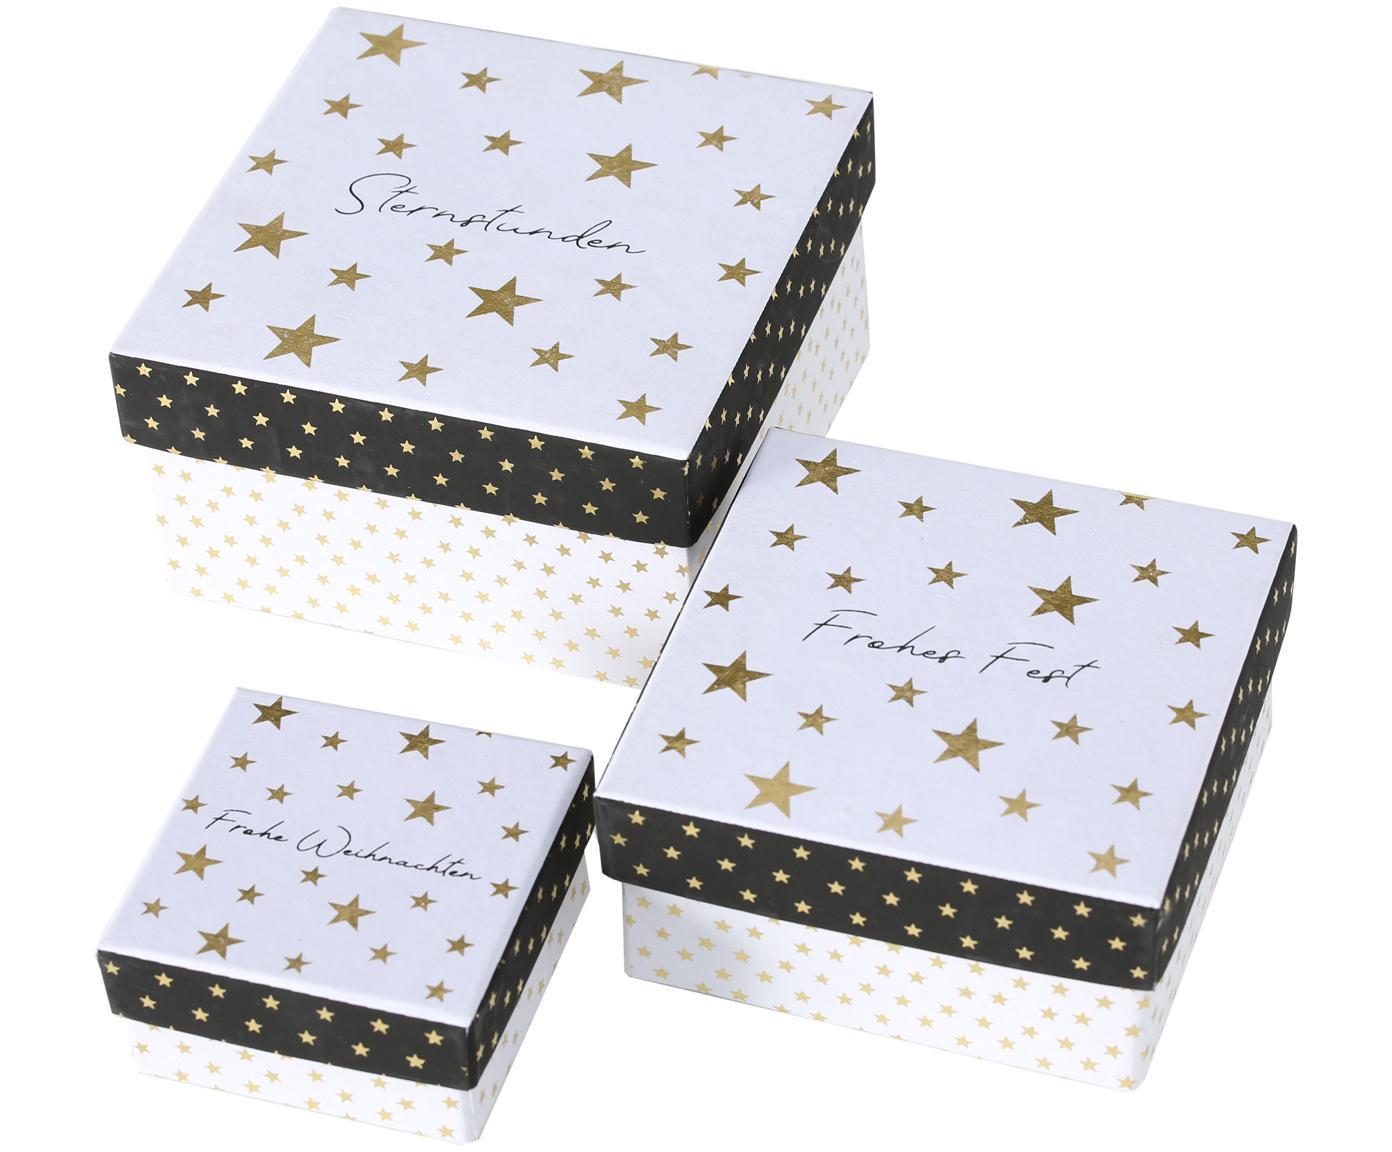 Set confezioni regalo Nica, 3 pz., Carta, Nero, bianco, dorato, Diverse dimensioni